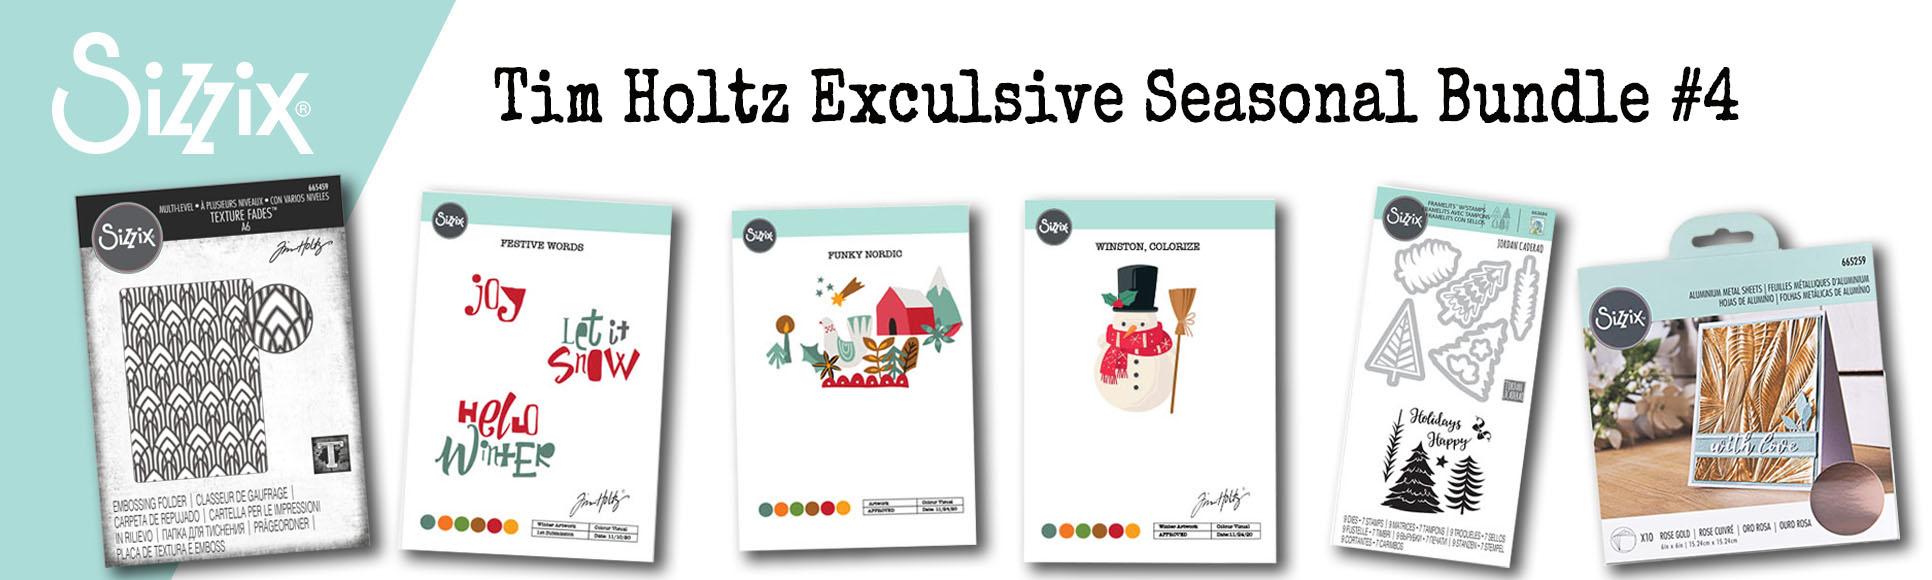 1250x375-tim-holtz-exclusive-seasonal-bundle-4-revised.jpg